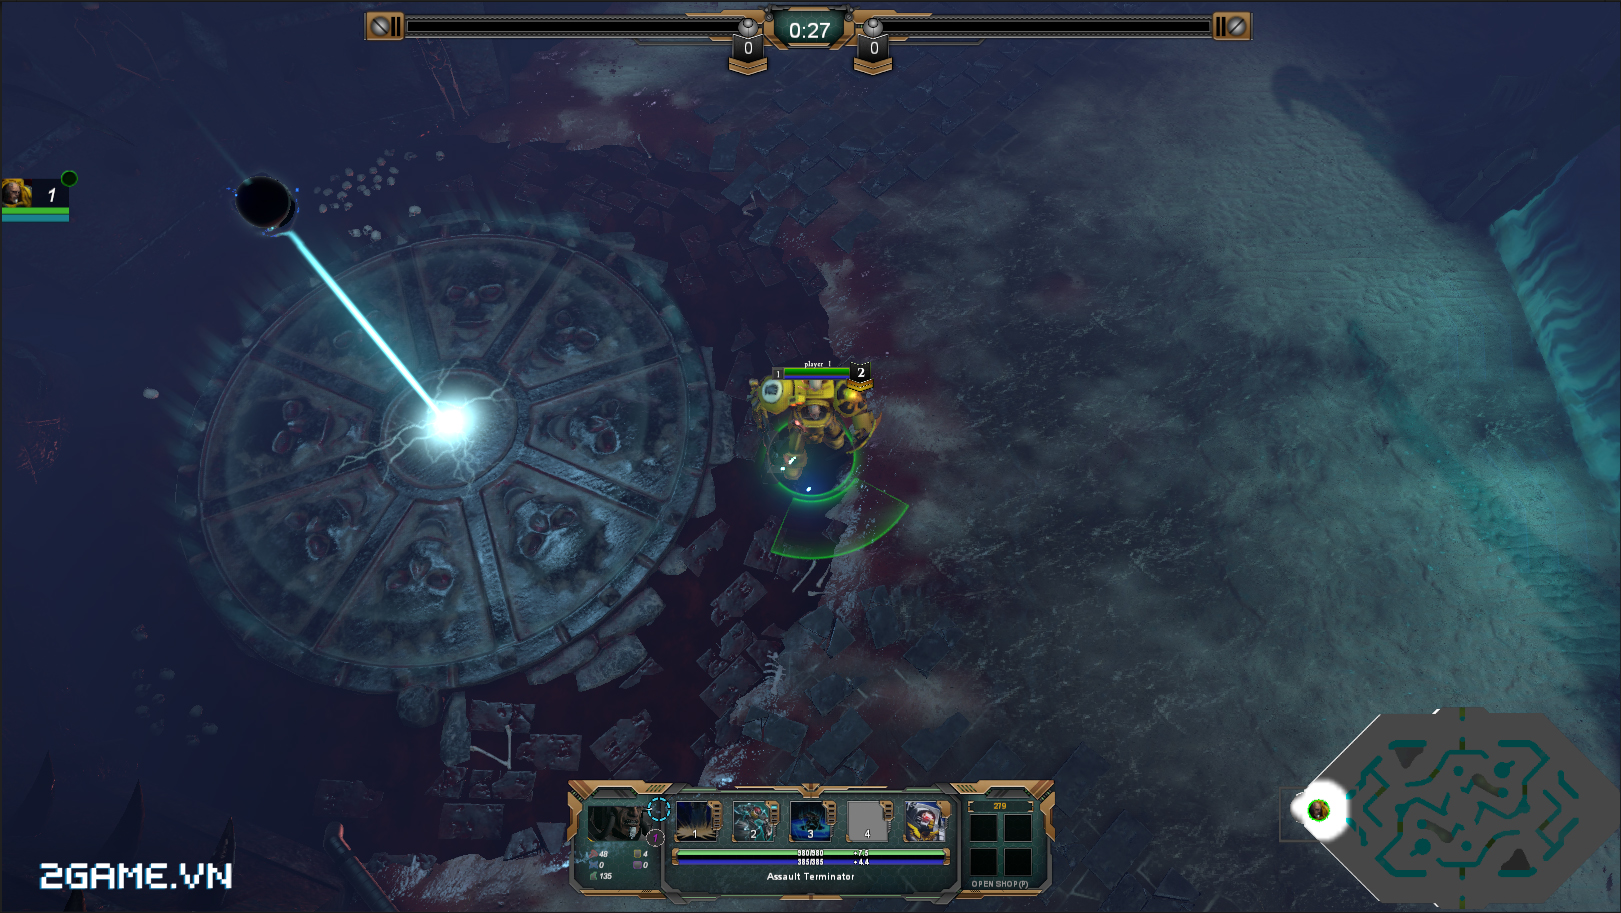 Game dành cho người chán game tàu: Warhammer - Dark Nexus Arena 1